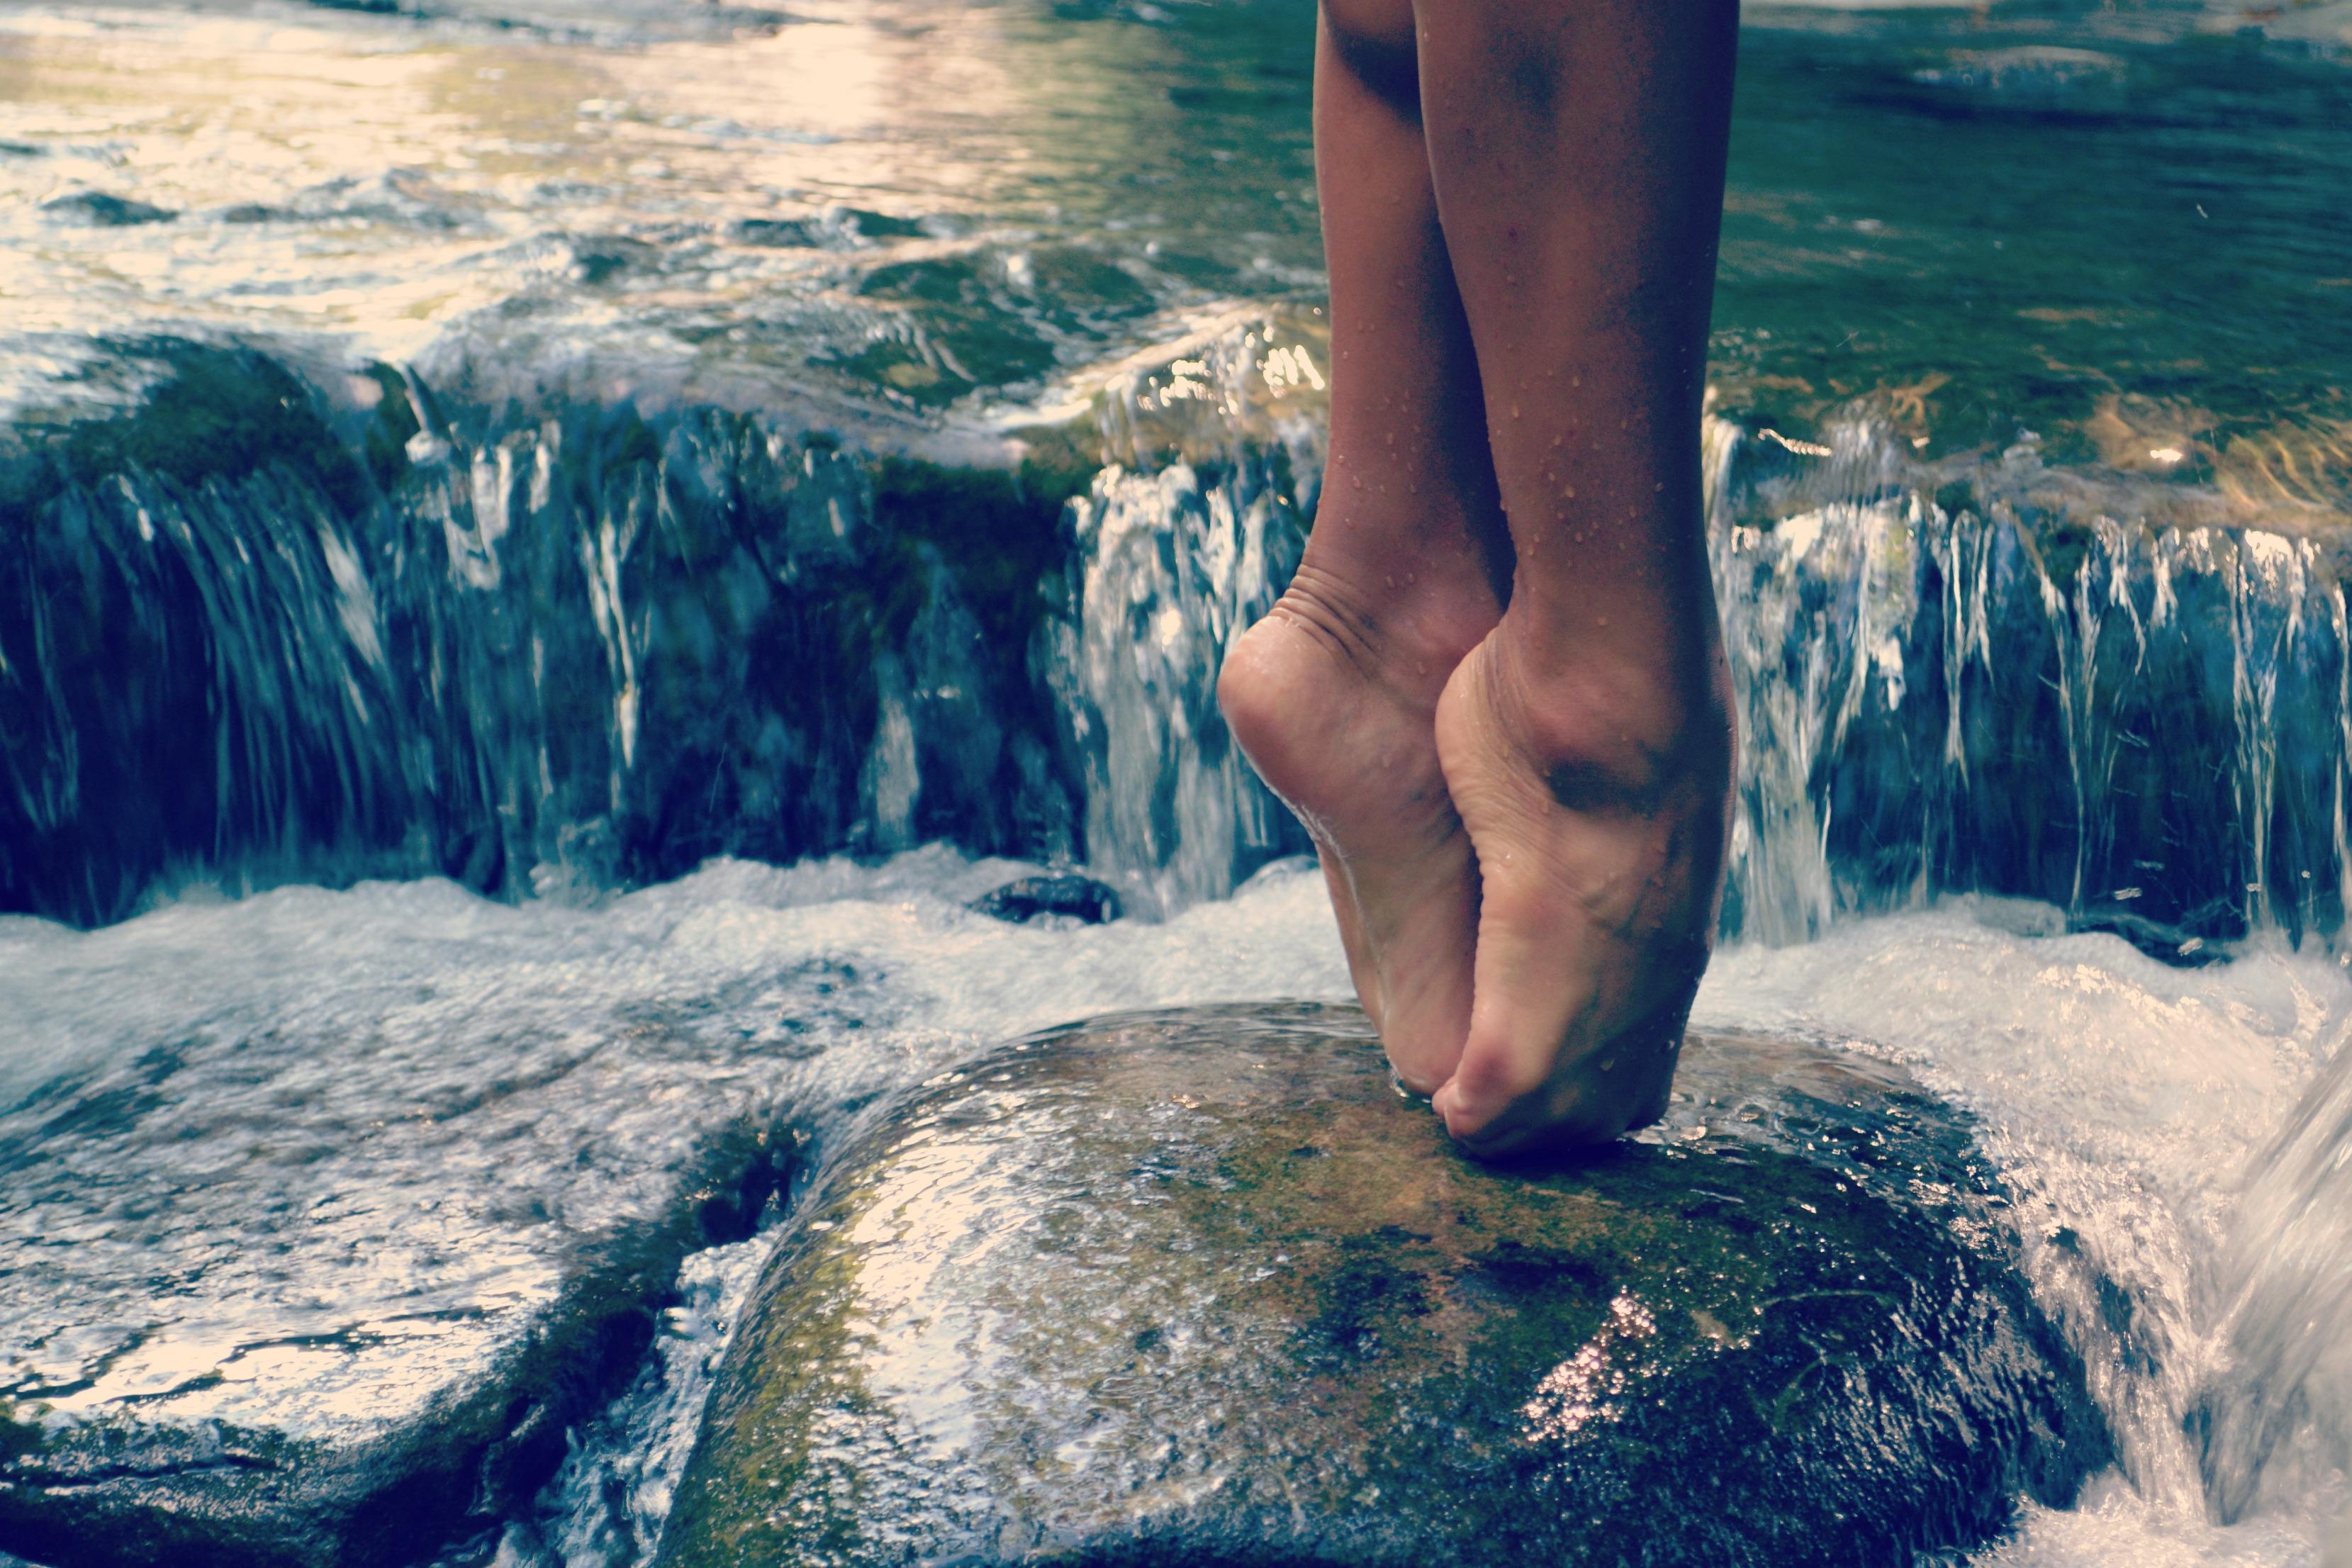 ноги девушки в воде фото - 3